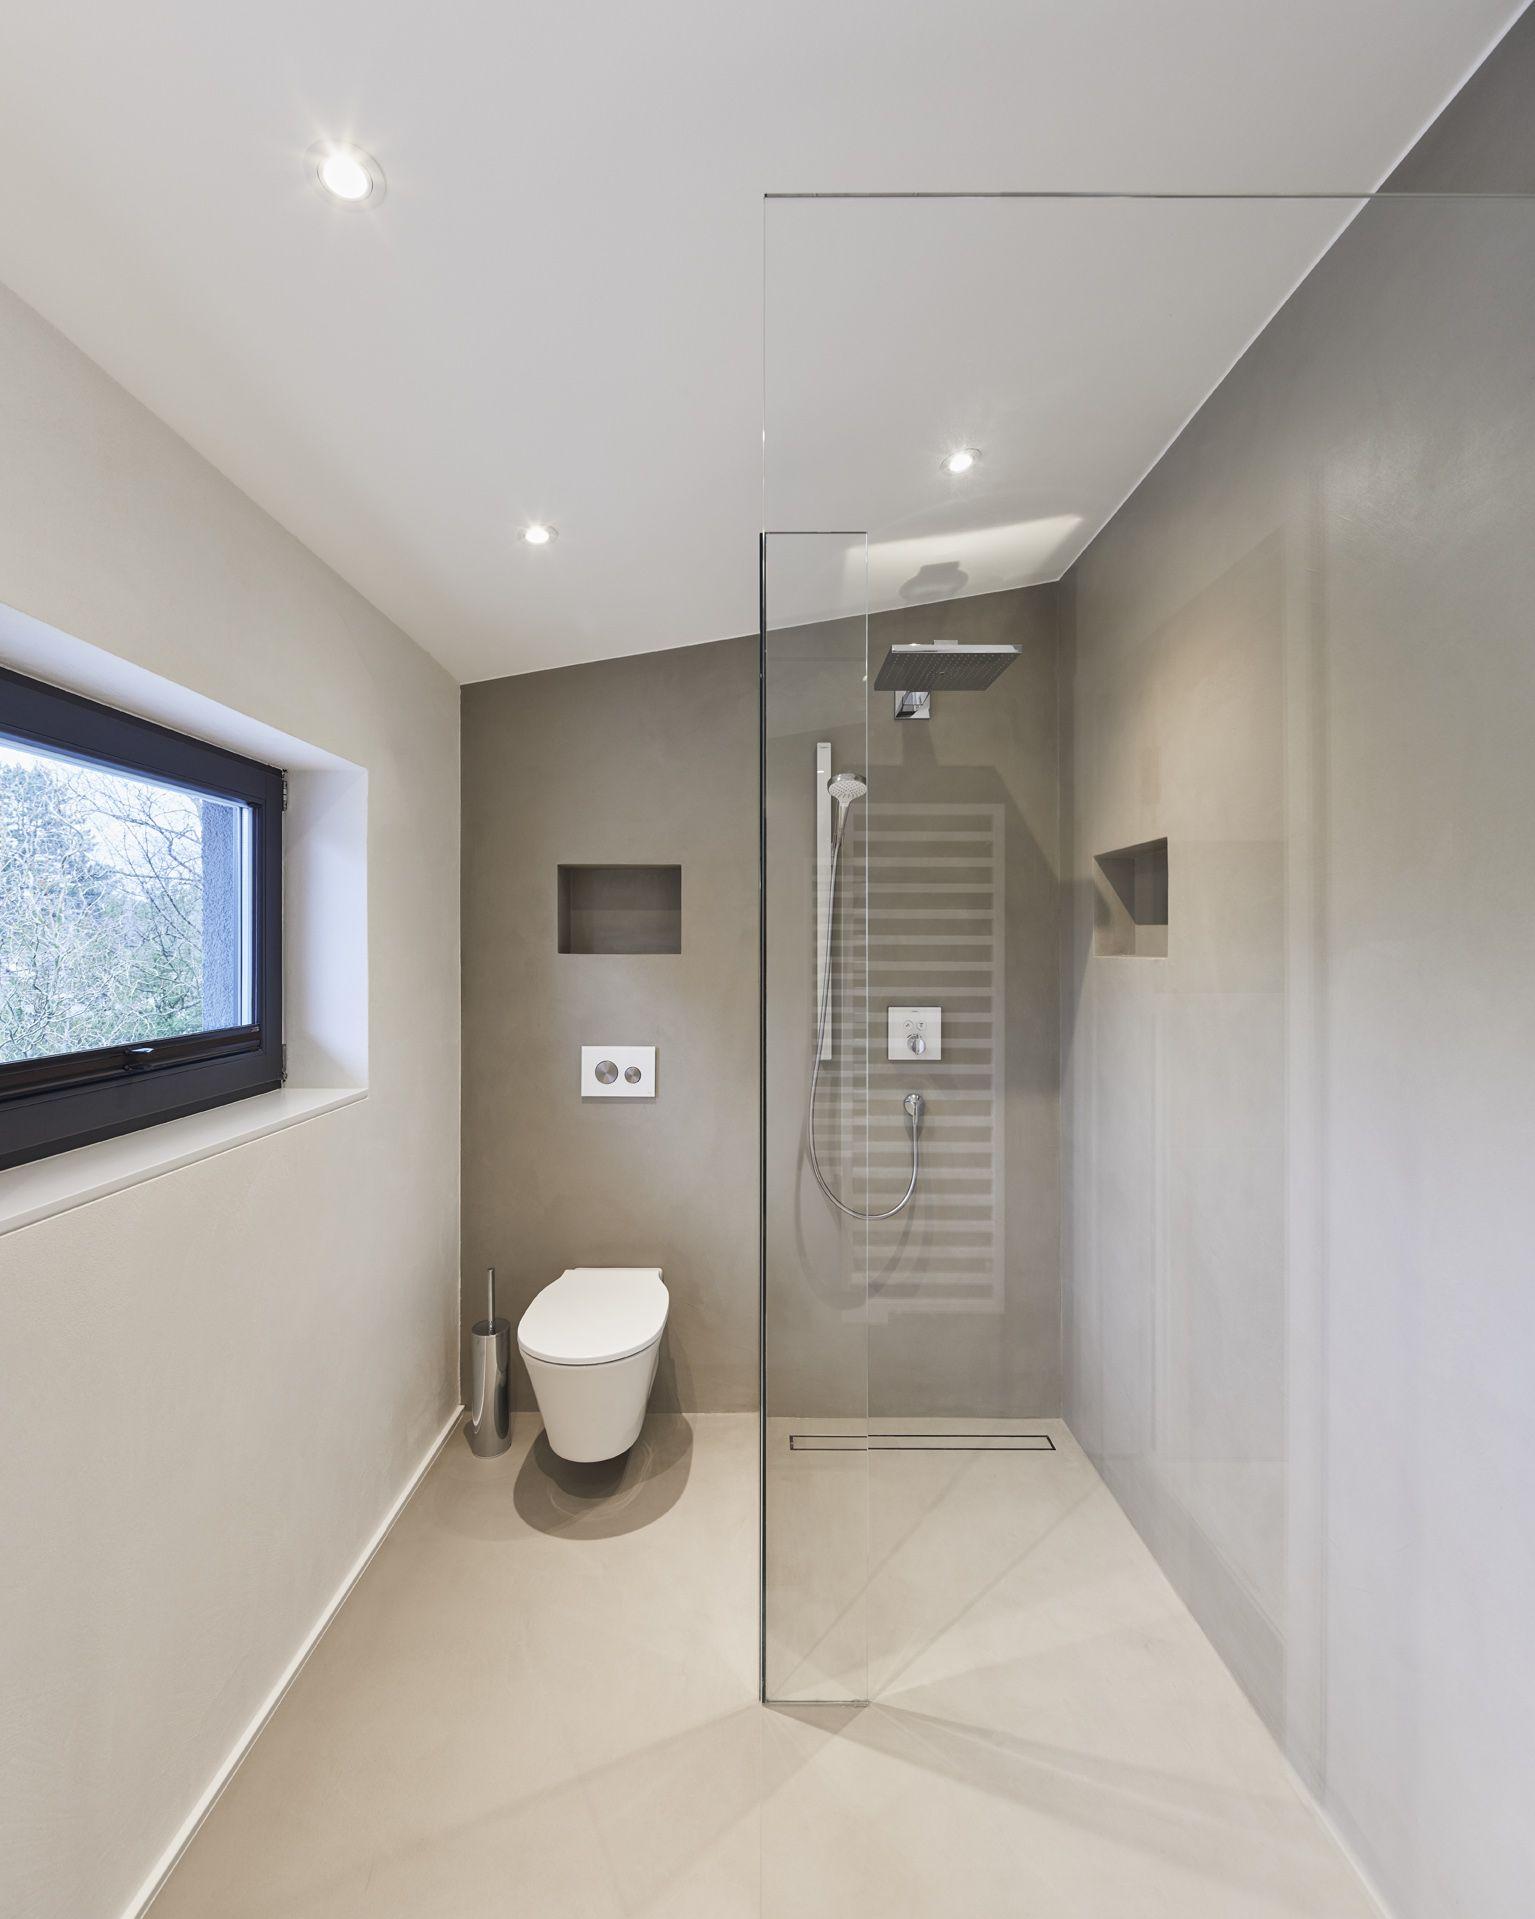 Moderne Reduzierte Bodentiefe Begehbare Regendusche Design Glasfront Beton Grau Foto Www Philipkistner Com Regendusche Dusche Badezimmer